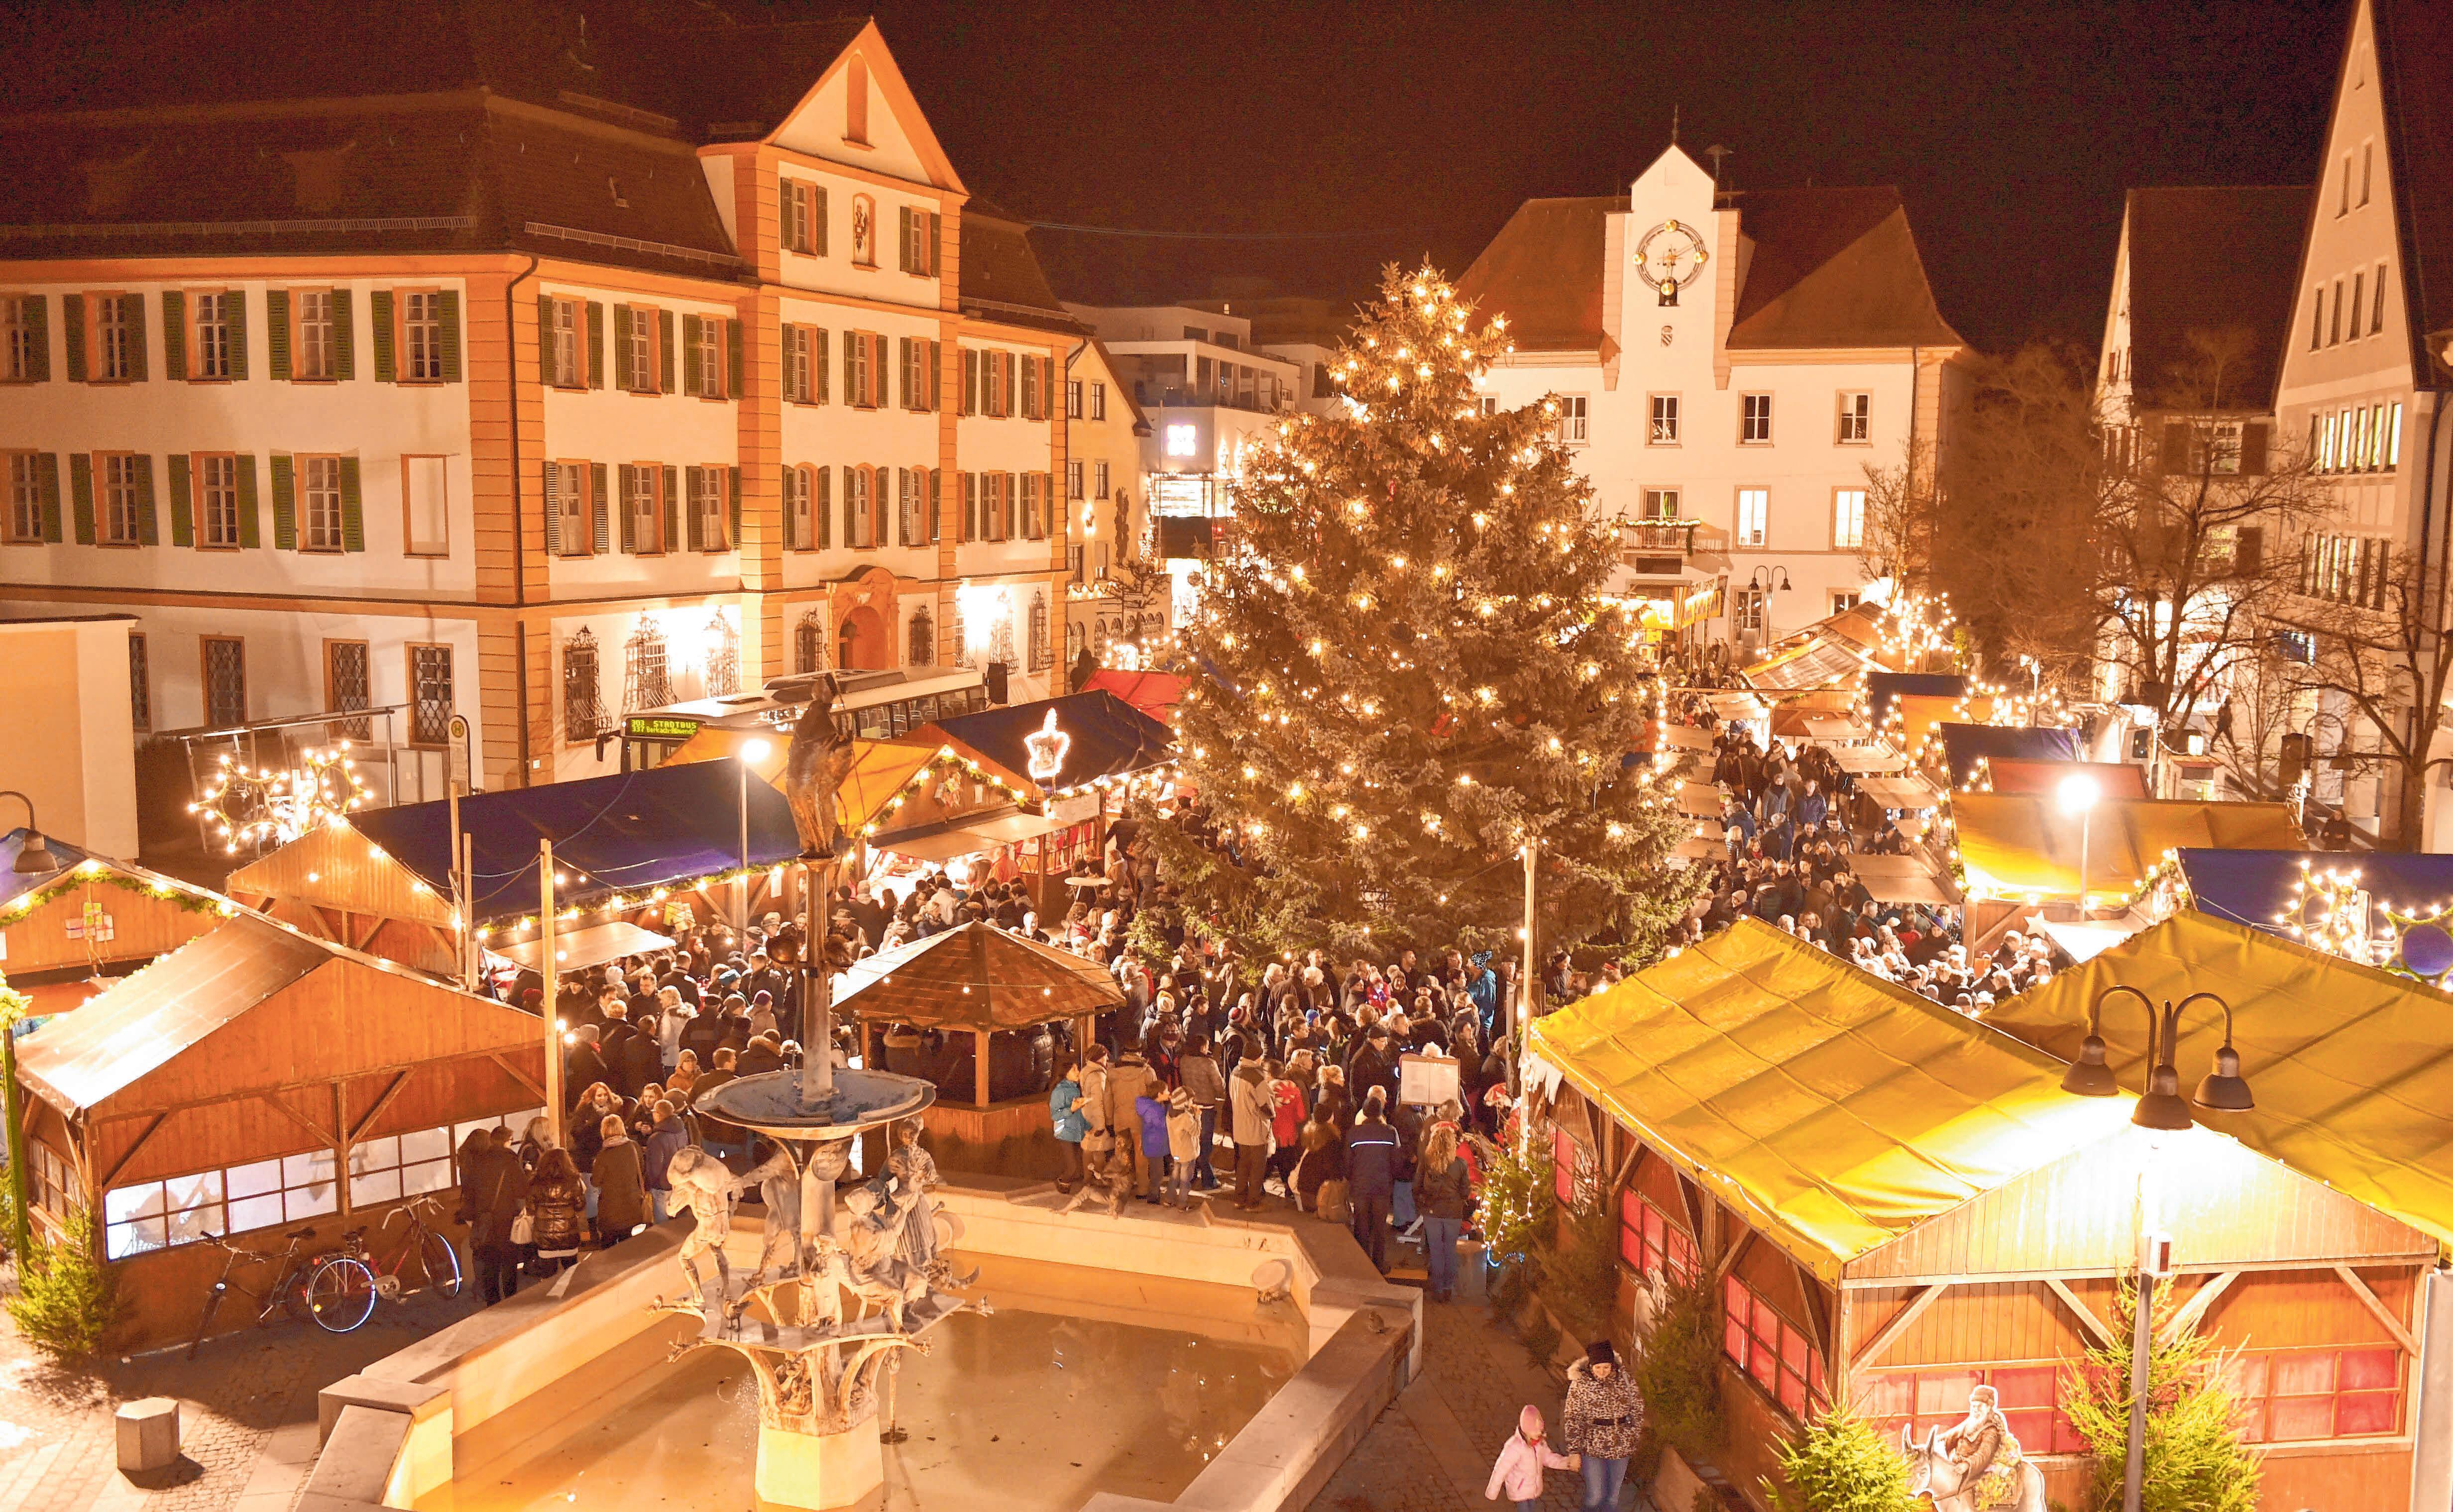 Der Ehinger Weihnachtsmarkt wird wieder viele Besucher anlocken. FOTOS: STADT EHINGEN